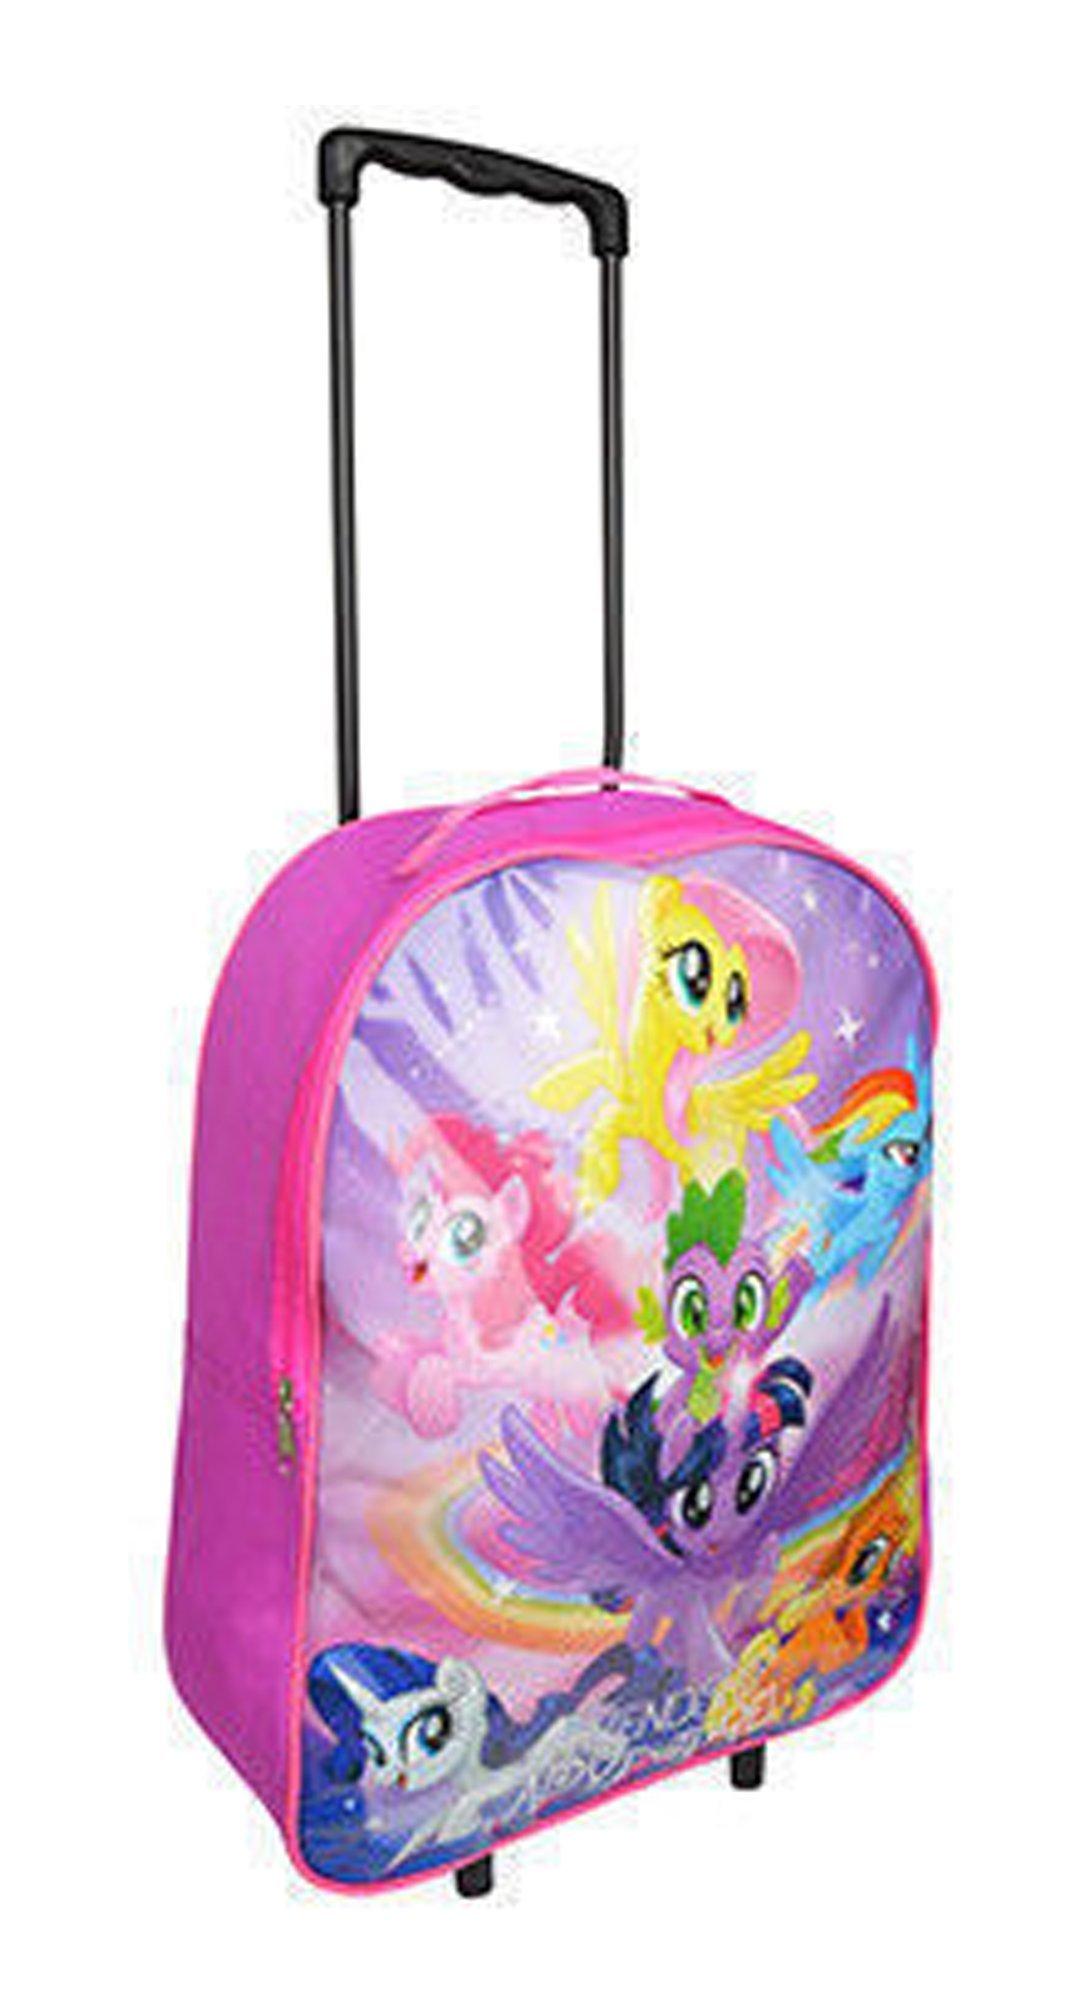 School Bags With Wheels Amazon Co Uk